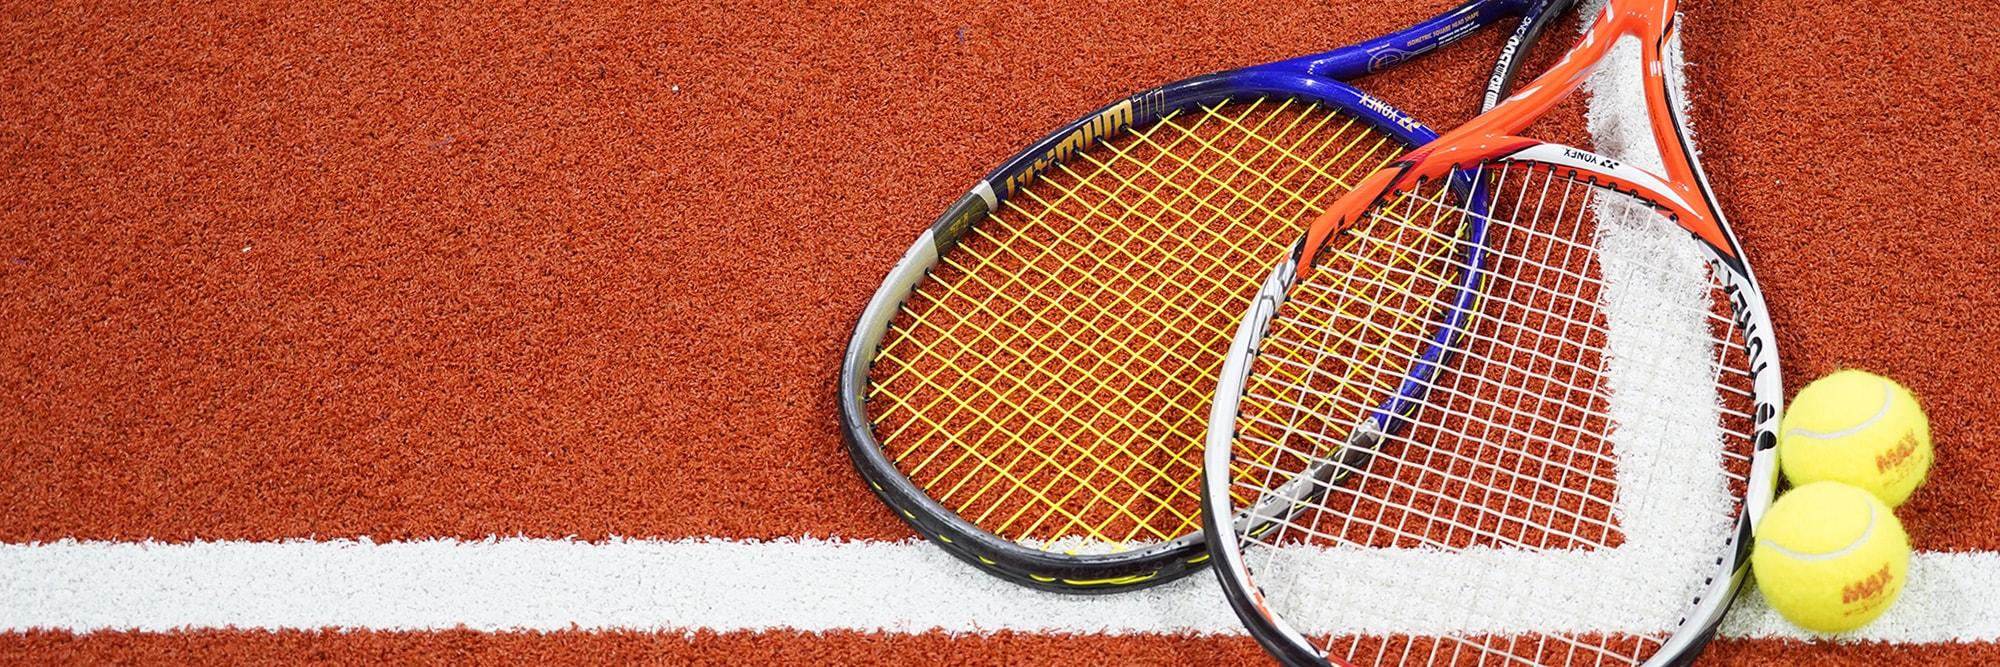 長野市 インドアテニススクール 2週間限定